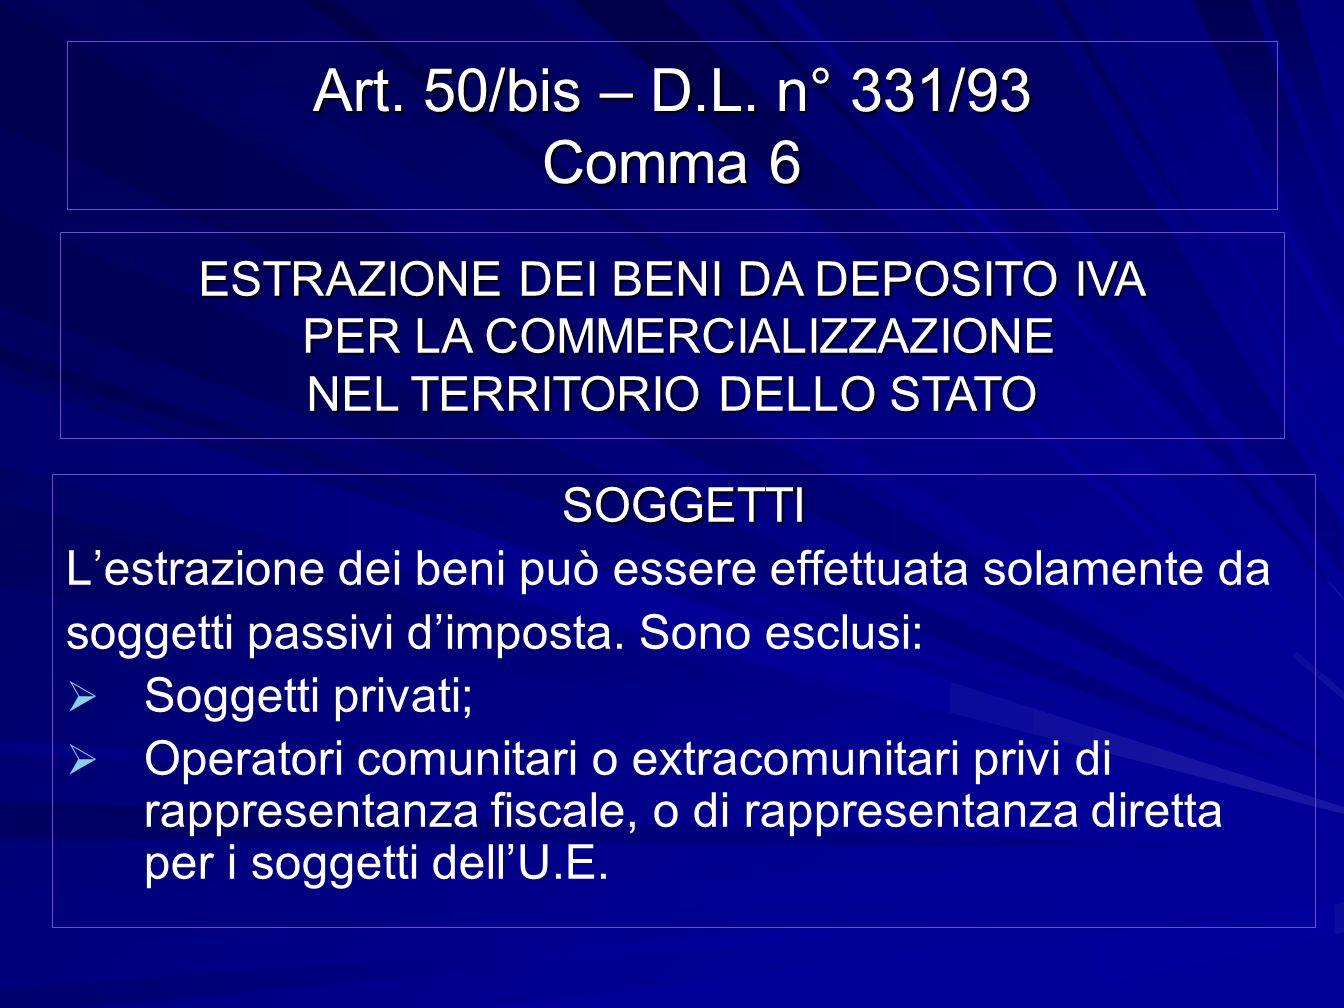 Art. 50/bis – D.L. n° 331/93 Comma 6ESTRAZIONE DEI BENI DA DEPOSITO IVA PER LA COMMERCIALIZZAZIONE NEL TERRITORIO DELLO STATO.